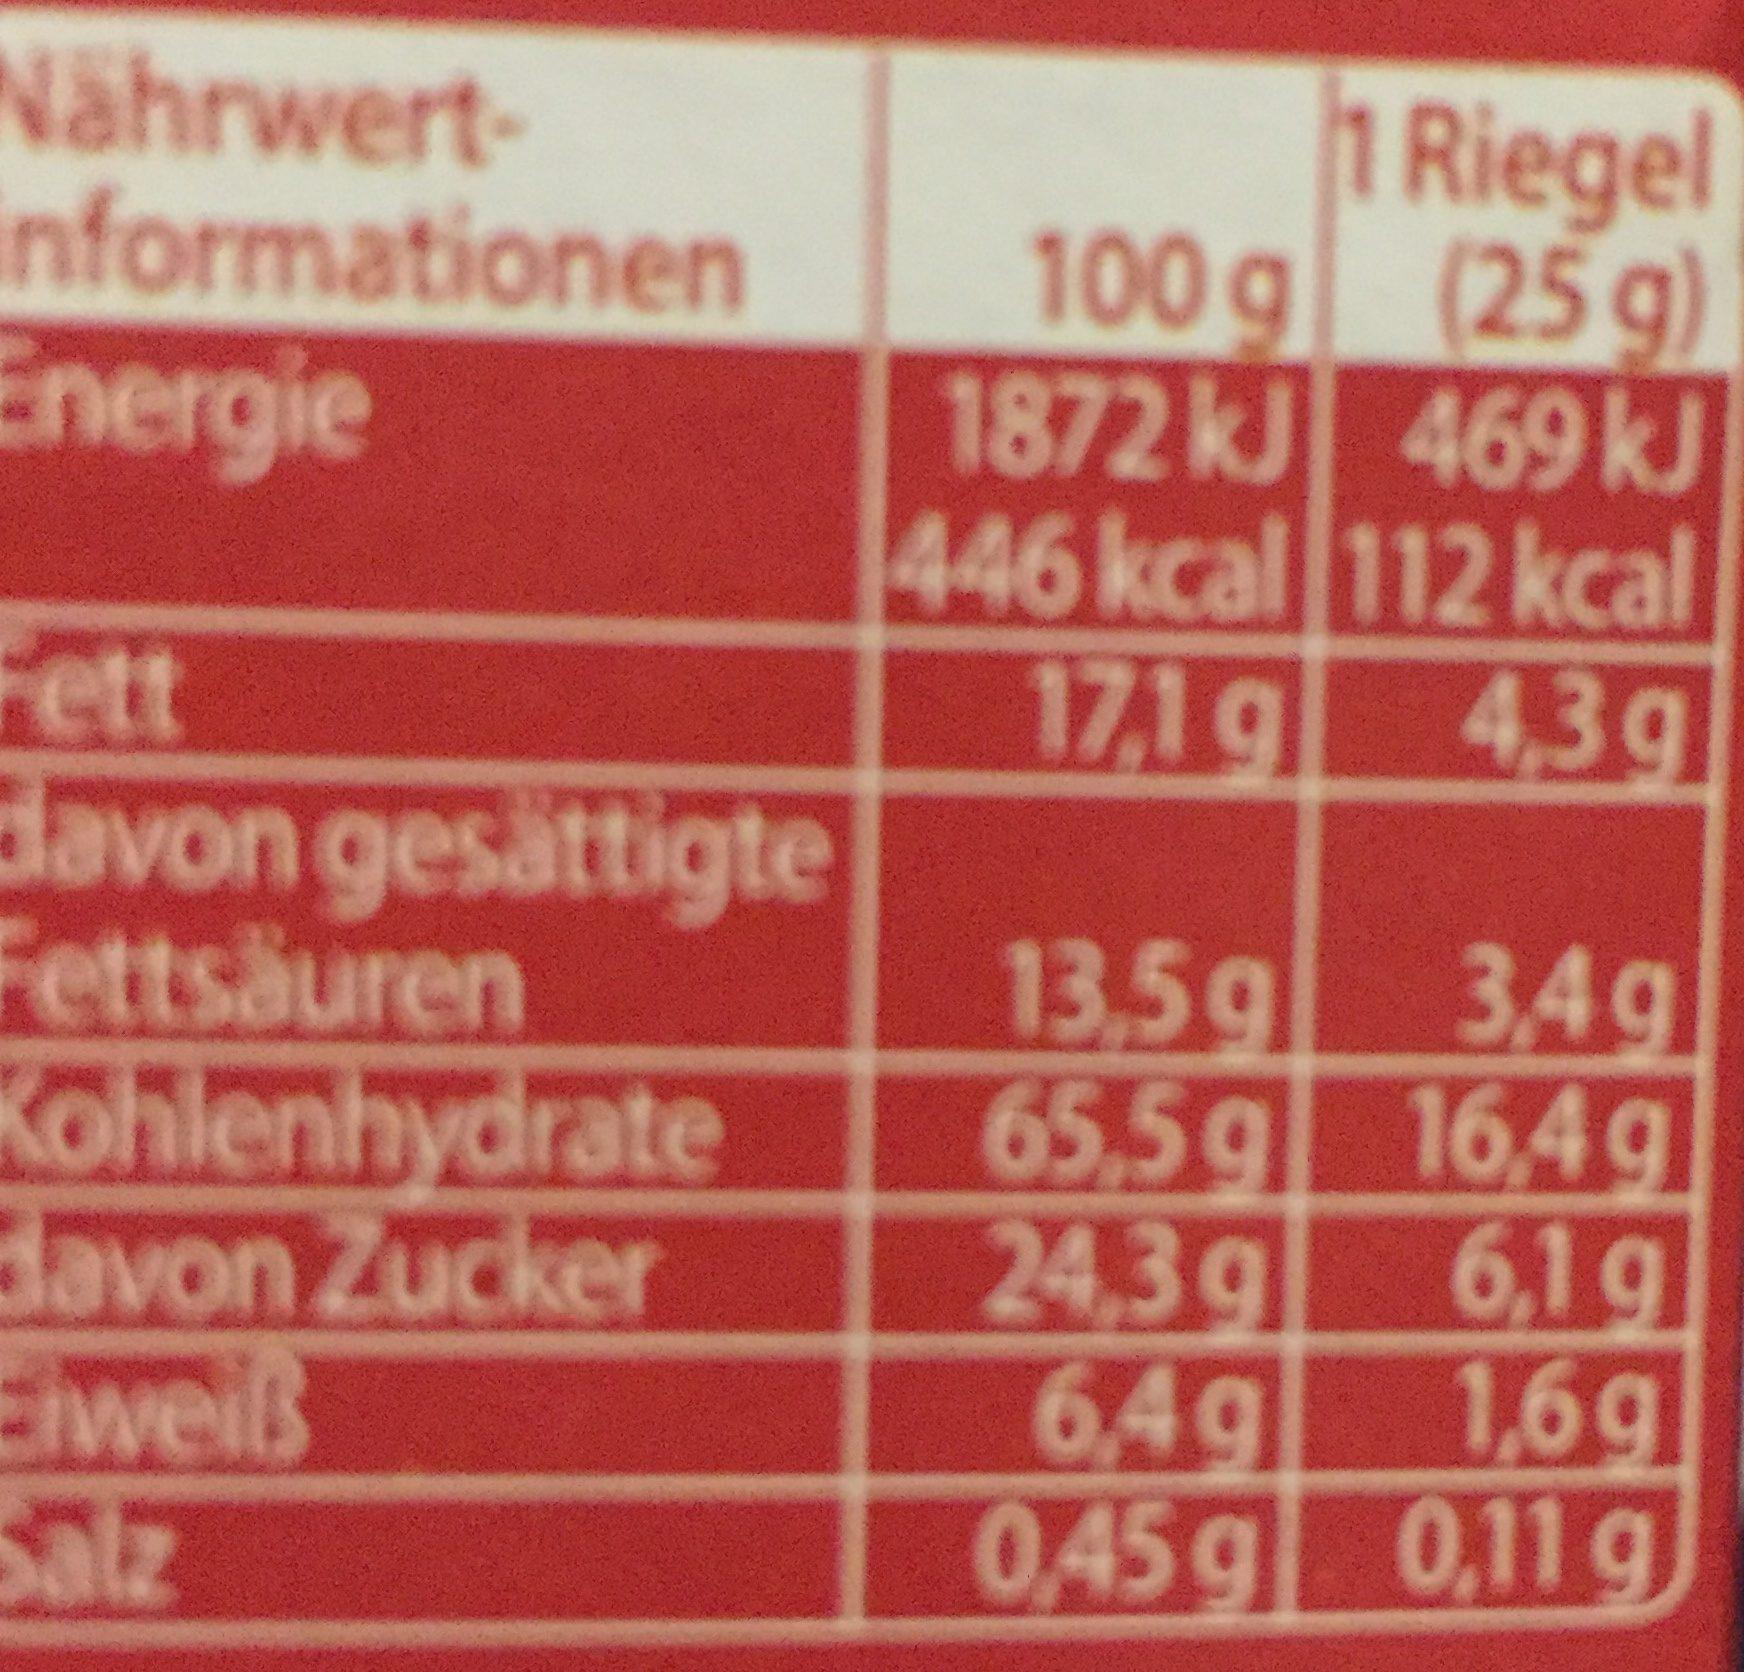 Corny Erdbeer-joghurt 6 Riegel - Ingrediënten